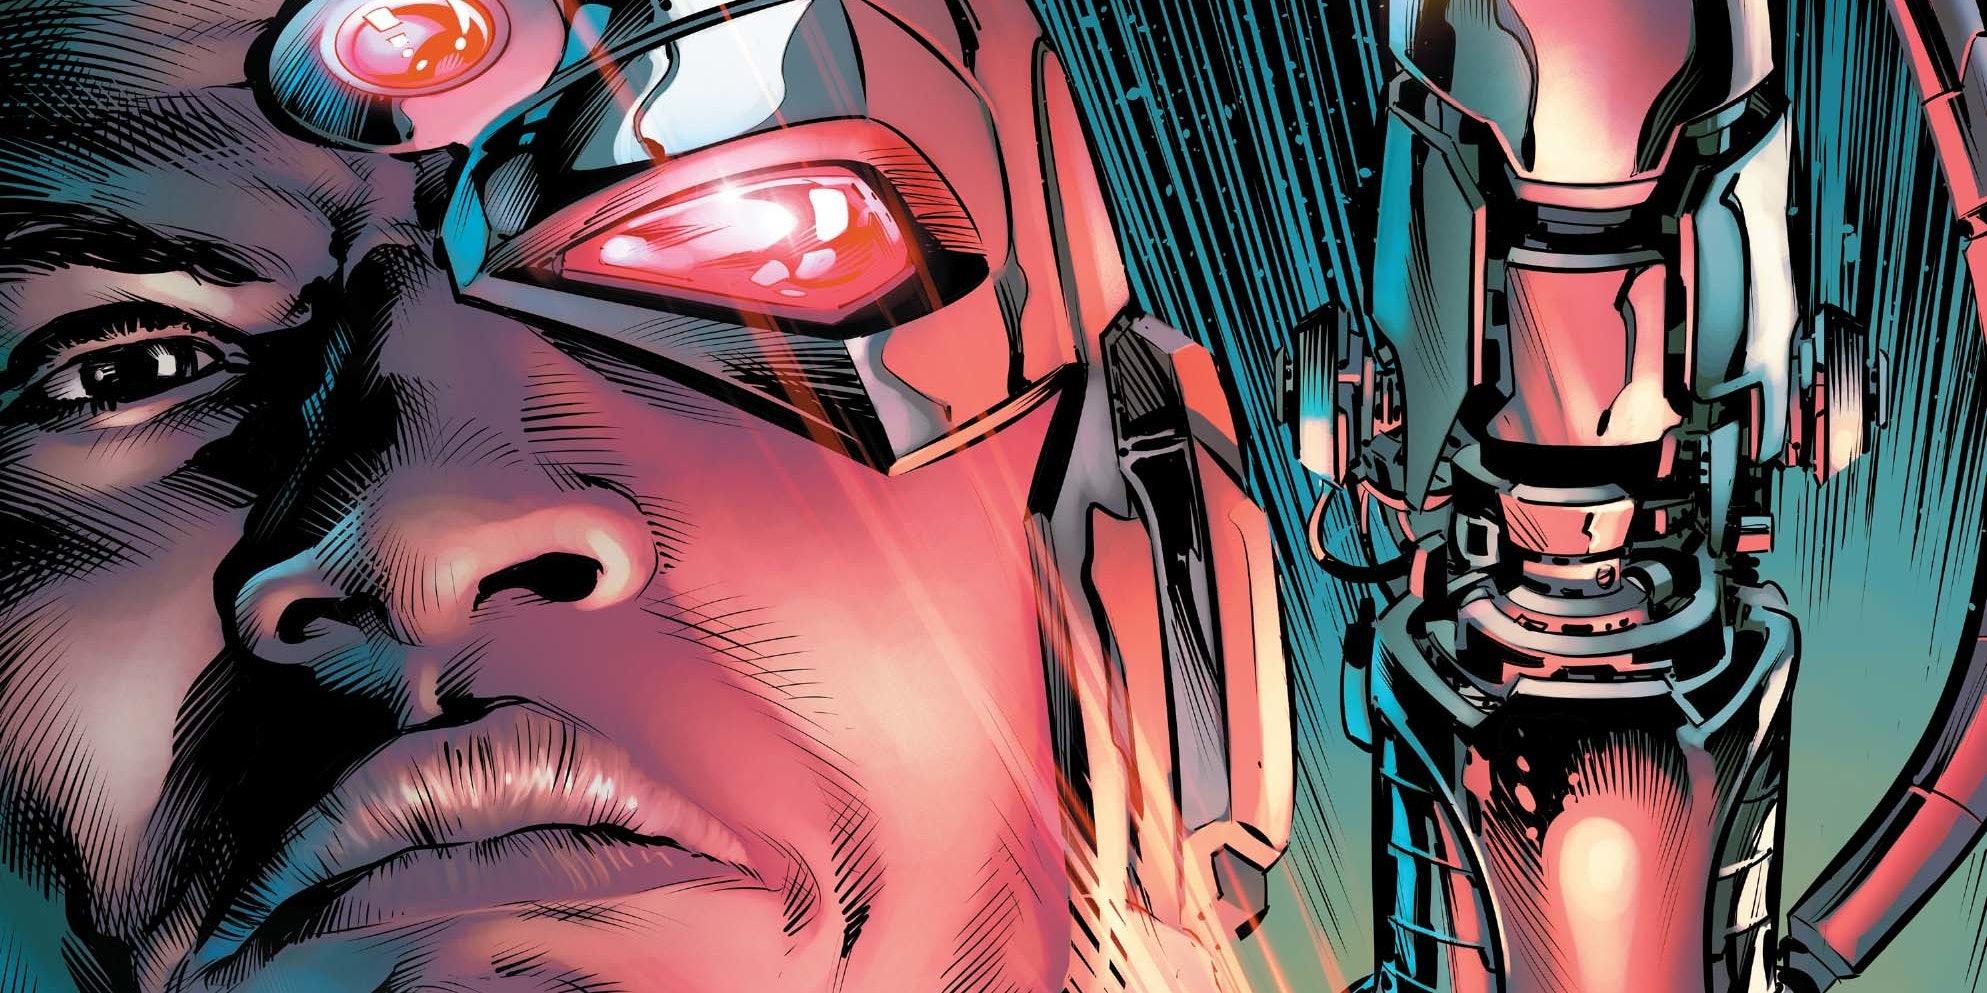 'Cyborg: Rebirth' #1